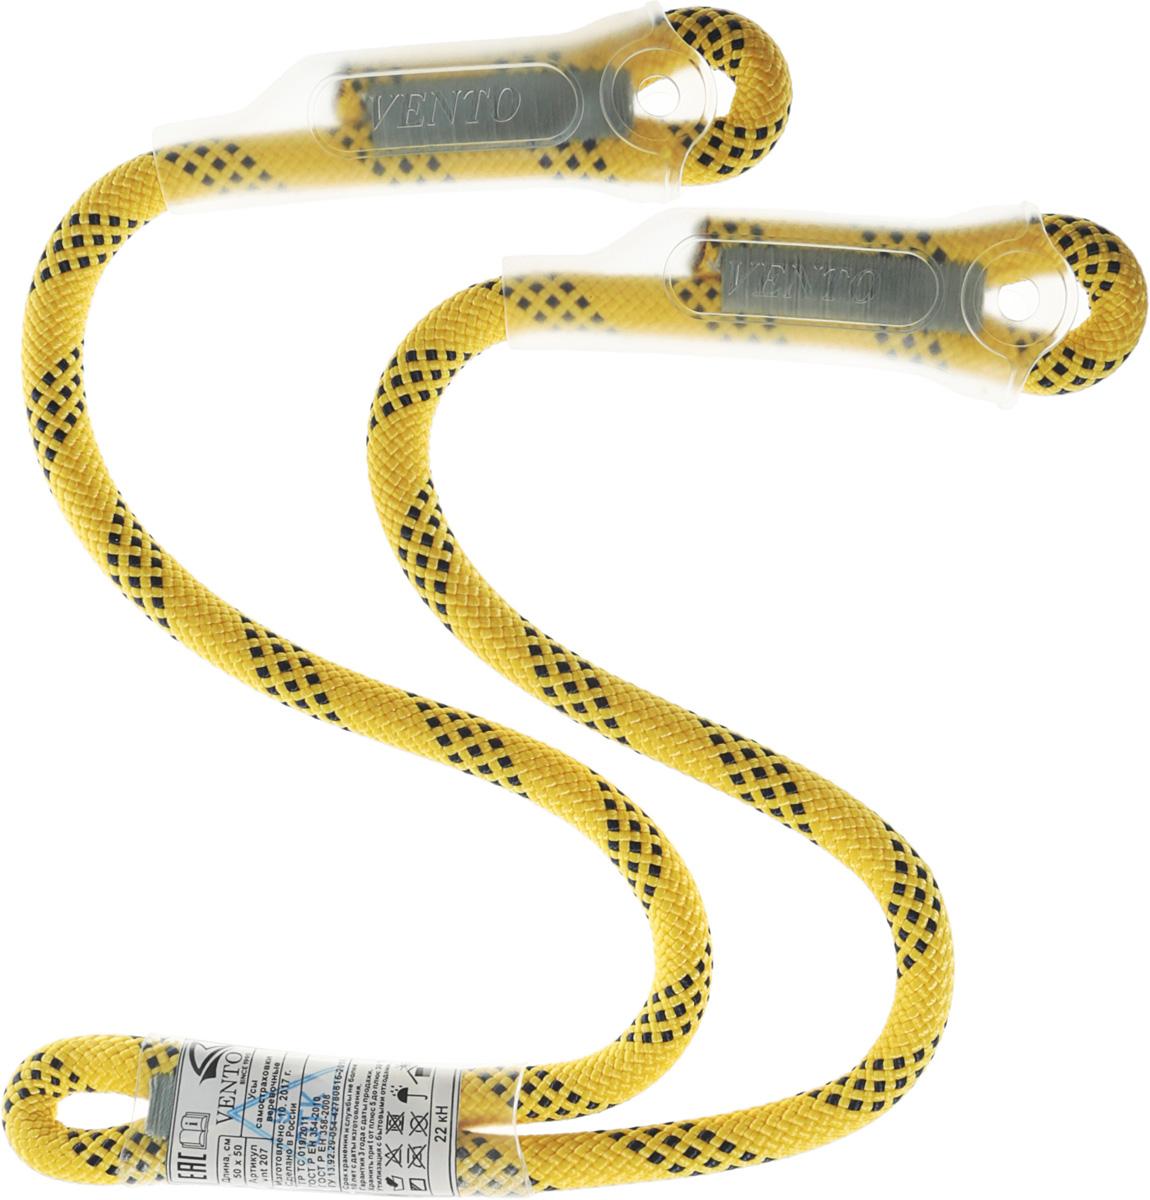 Усы самостраховки веревочные VENTO выполнены из полиамидной веревки диаметром 10–11 мм. Имеют 2 плеча независимой длины. Размеры петель позволяют зафиксировать положение карабина. Усы VENTO крепятся к беседке с помощью карабина.Соответствие: ТР ТС 019/2011, ГОСТ Р ЕН 354-2010, ГОСТ Р ЕН 358-2008Сертификат ЕАС: KZ.7500361.22.01.03052Характеристики:Материал: ПолиамидДлина: 50 и 50 смМасса: 134 г